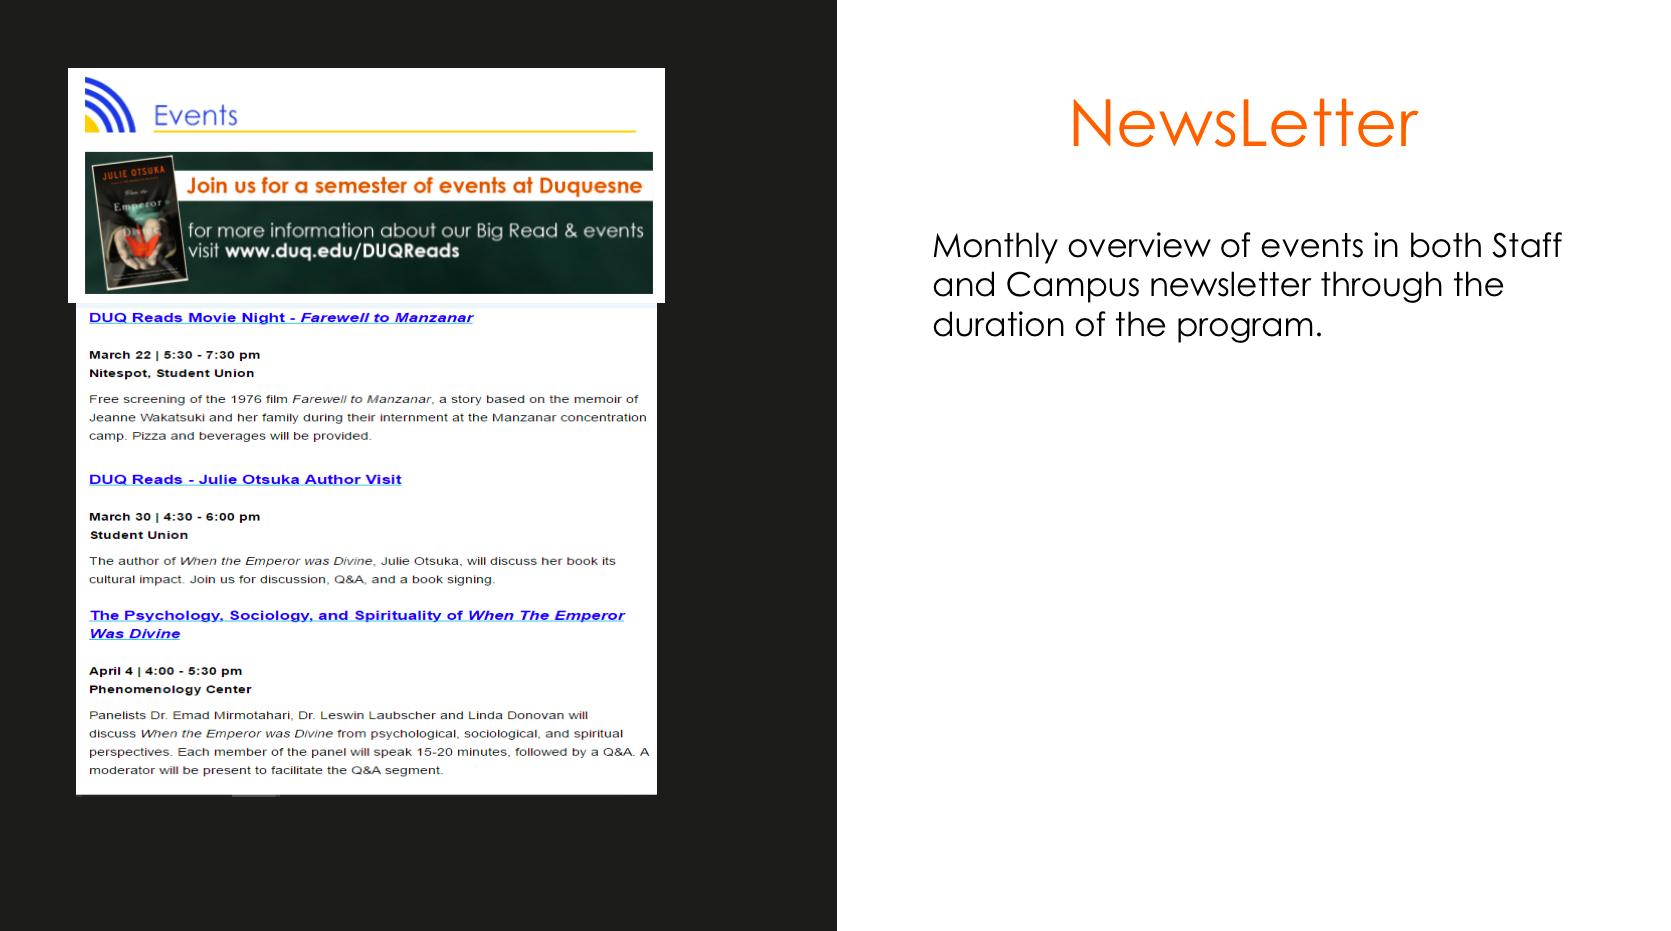 Slide on the newsletter promotion